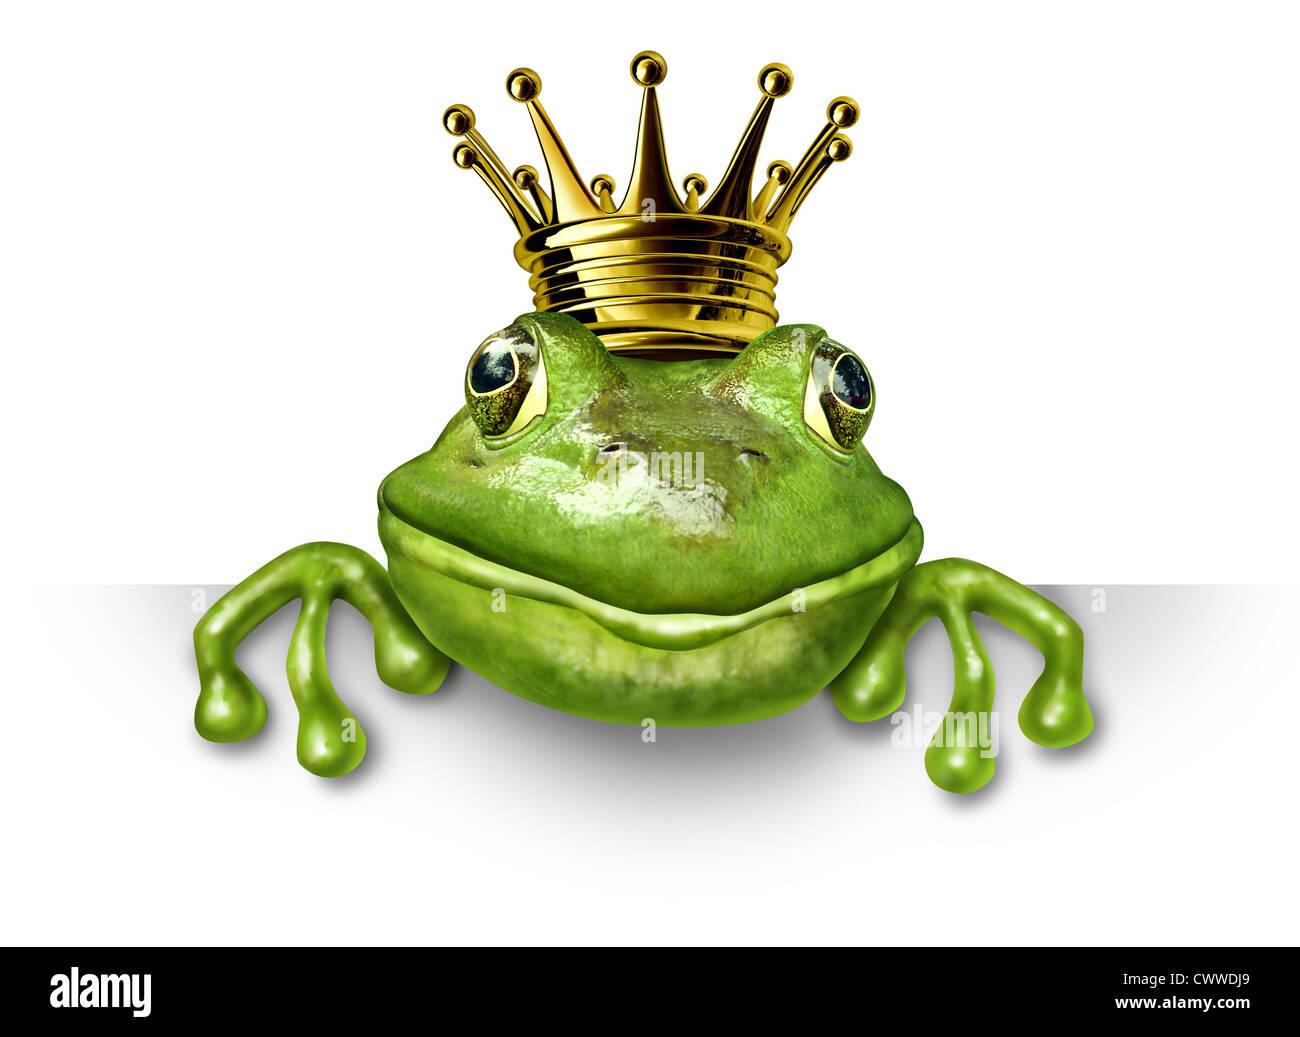 Frog prince con piccole corona d'oro tenendo un vuoto segno che rappresenta la fiaba concetto di cambiamento Immagini Stock